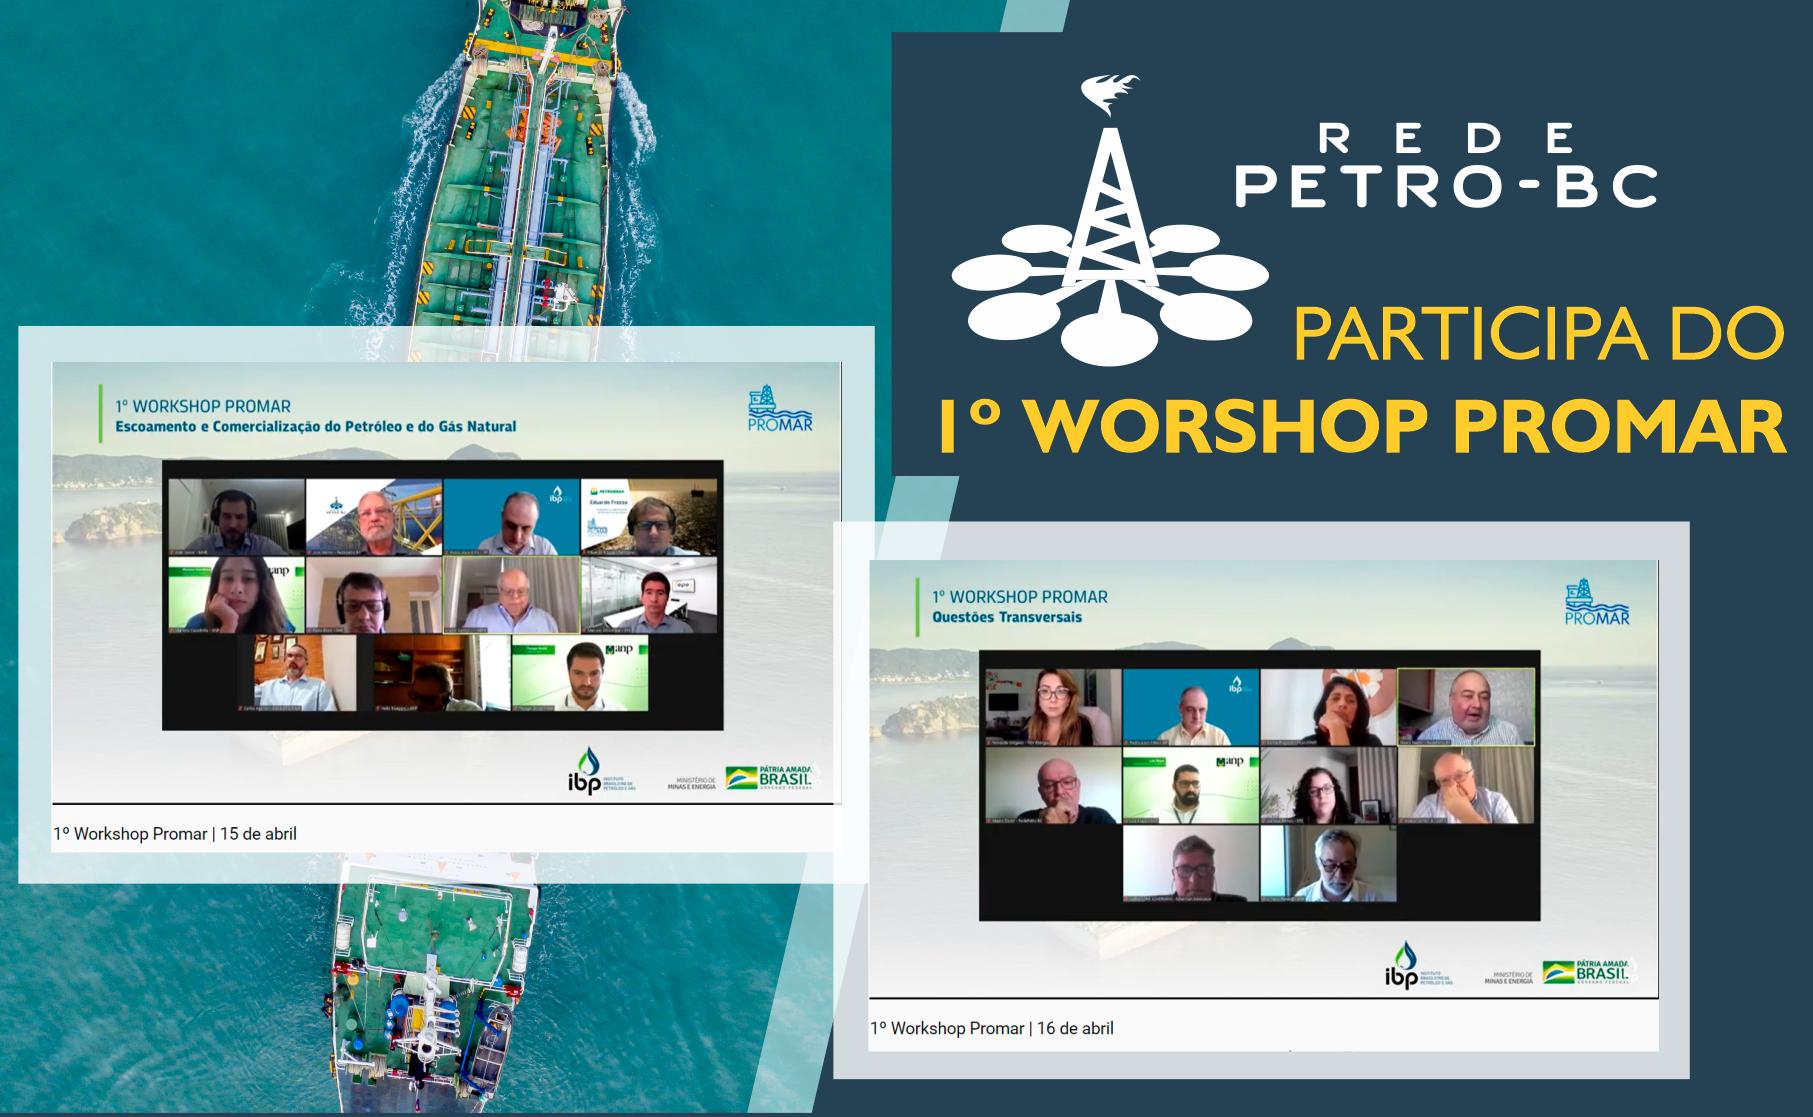 Rede Petro-BC participa do 1º Workshop do Promar